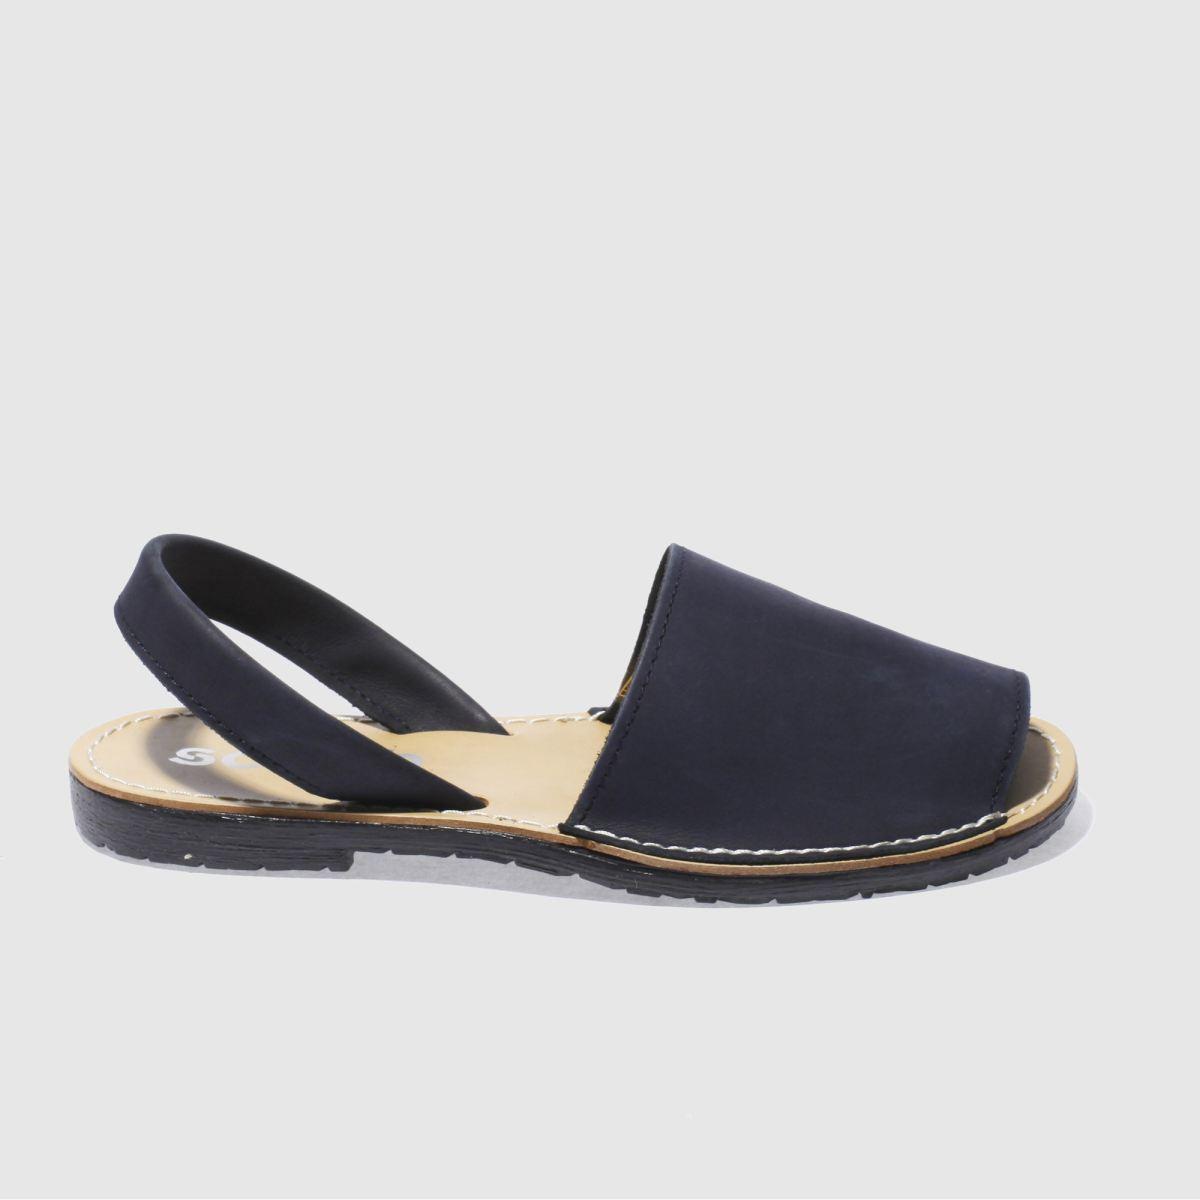 schuh navy barcelona sandals